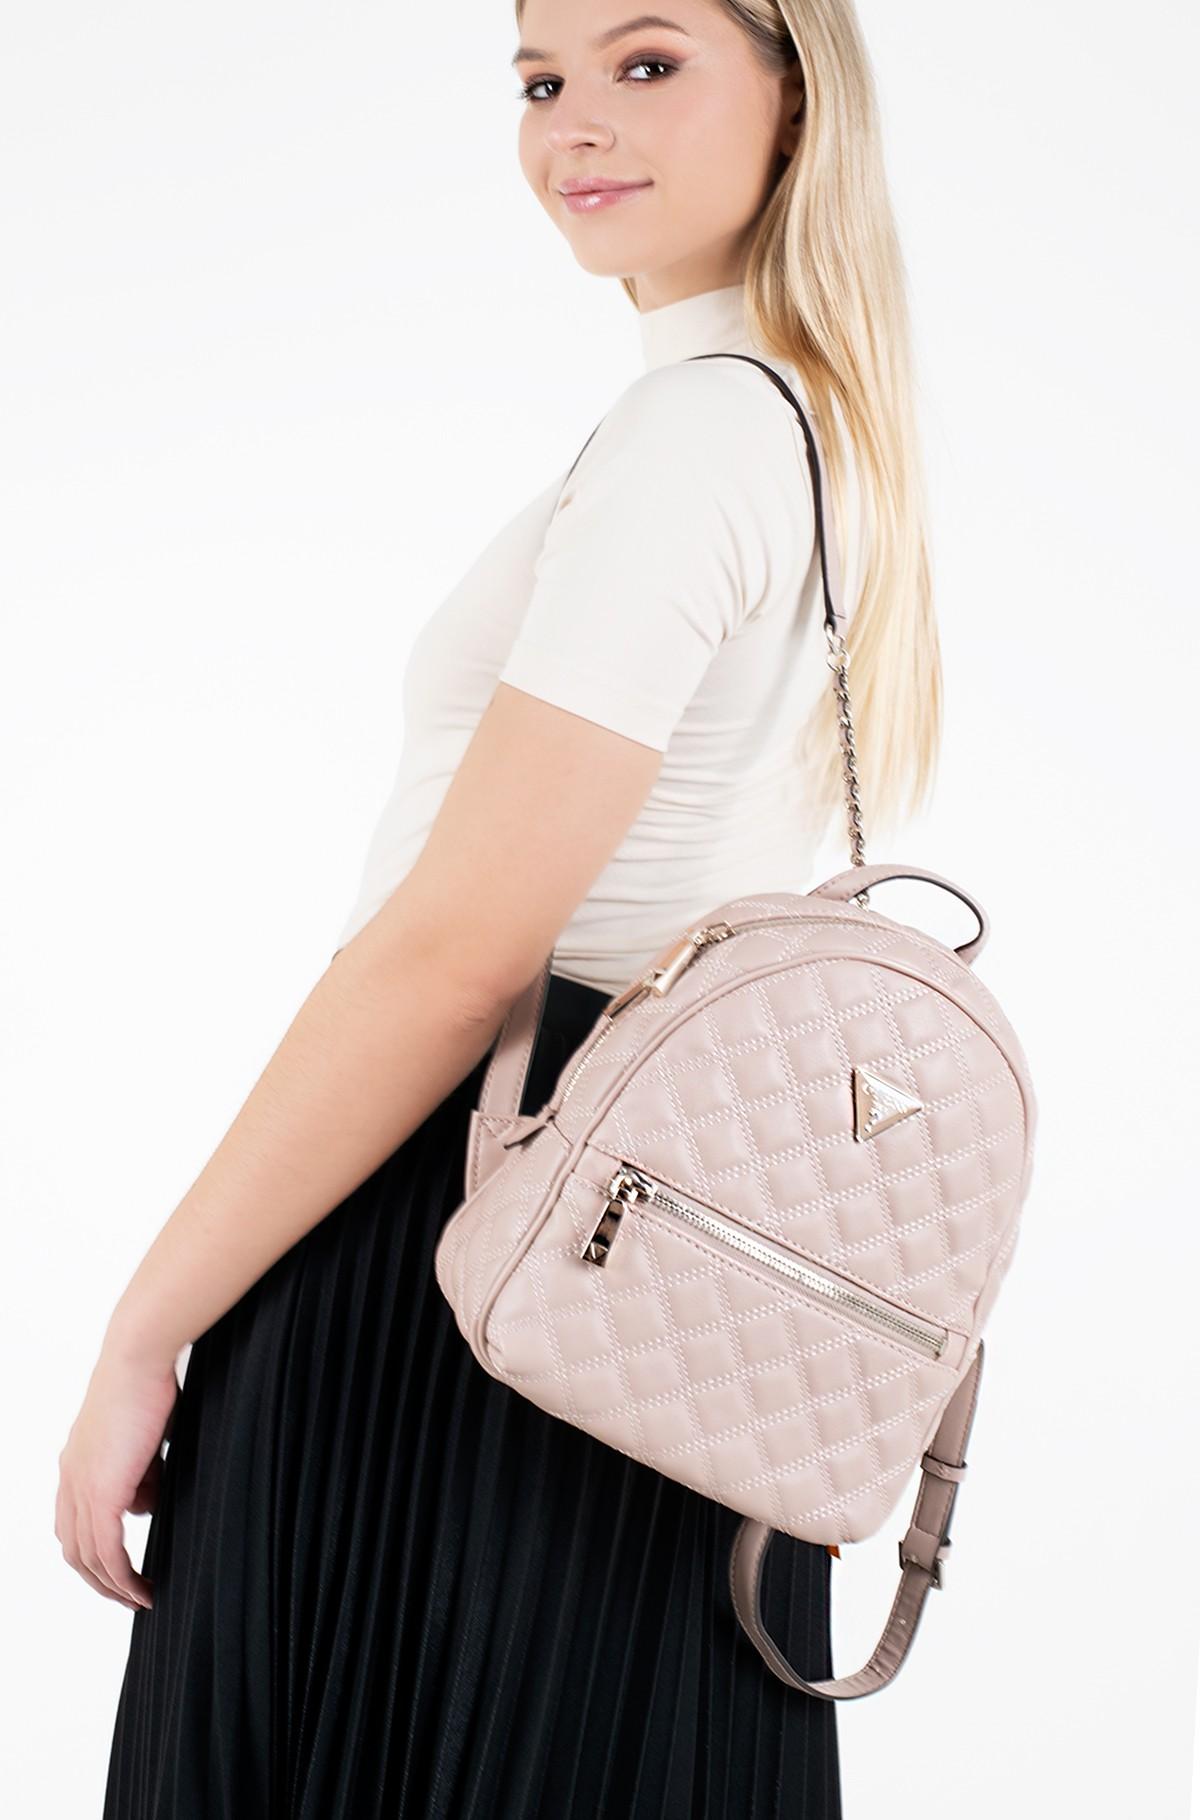 Backbag HWEV76 79320-full-1